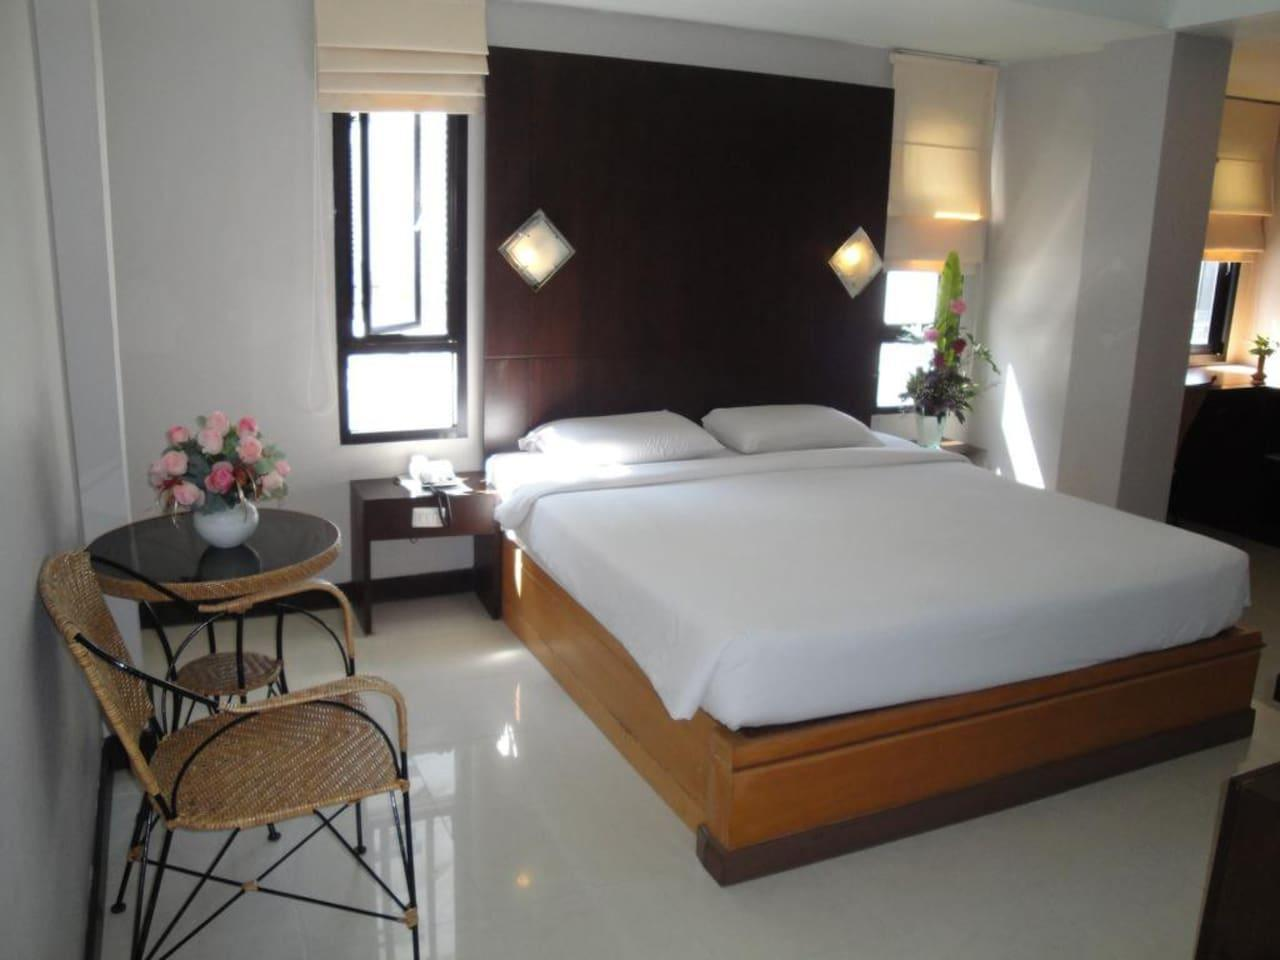 Beautiful double room 2 minutes walk to beach อพาร์ตเมนต์ 1 ห้องนอน 1 ห้องน้ำส่วนตัว ขนาด 52 ตร.ม. – พัทยากลาง